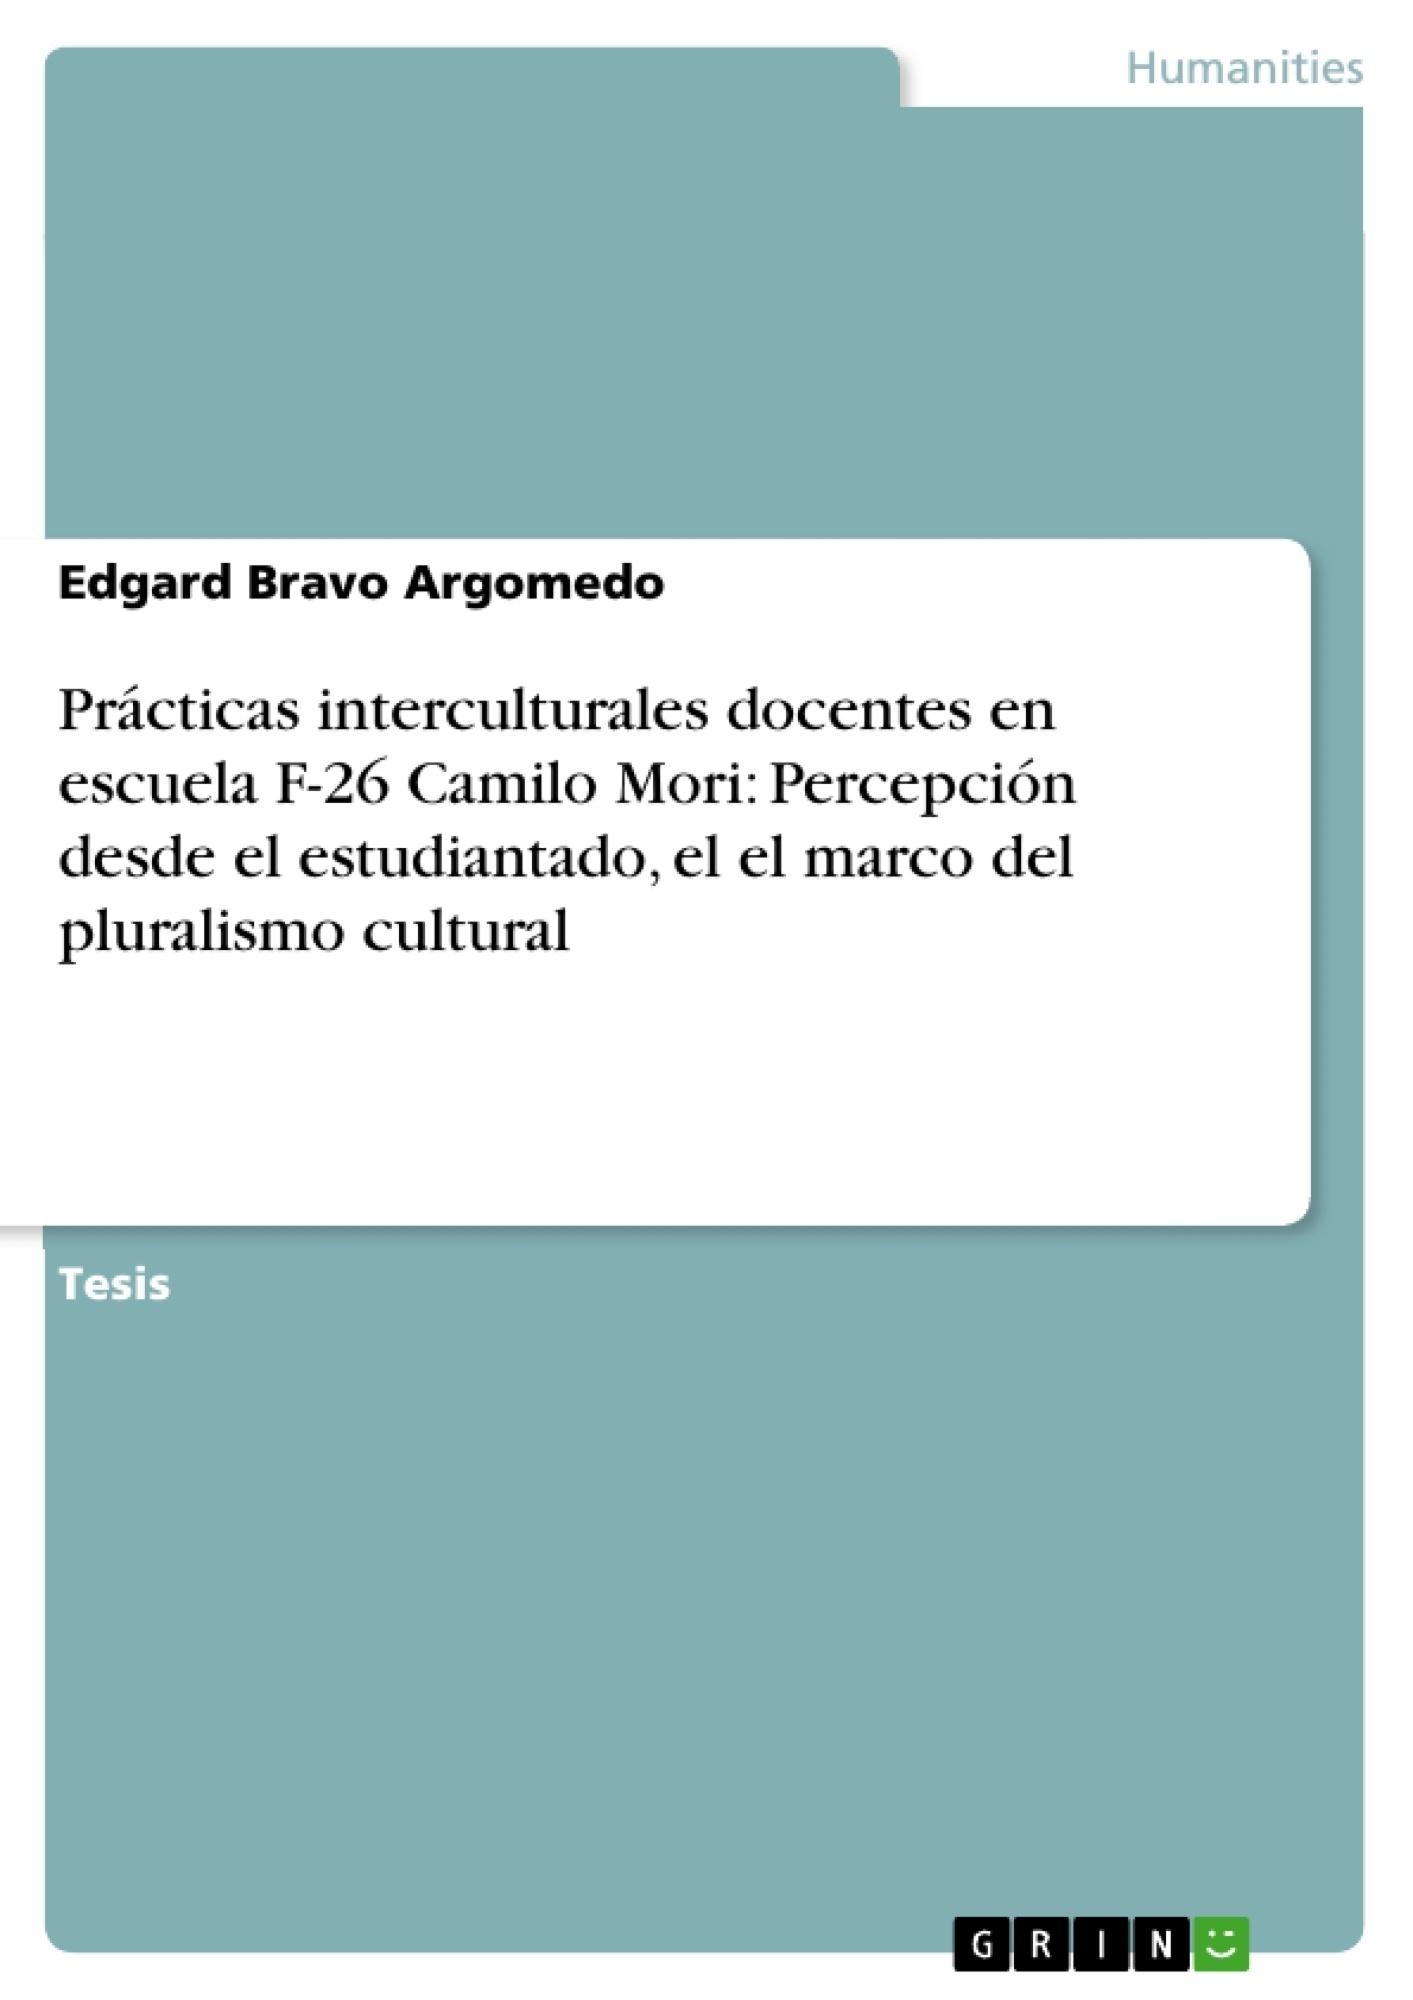 Título: Prácticas interculturales docentes en escuela F-26 Camilo Mori: Percepción desde el estudiantado, el el marco del pluralismo cultural